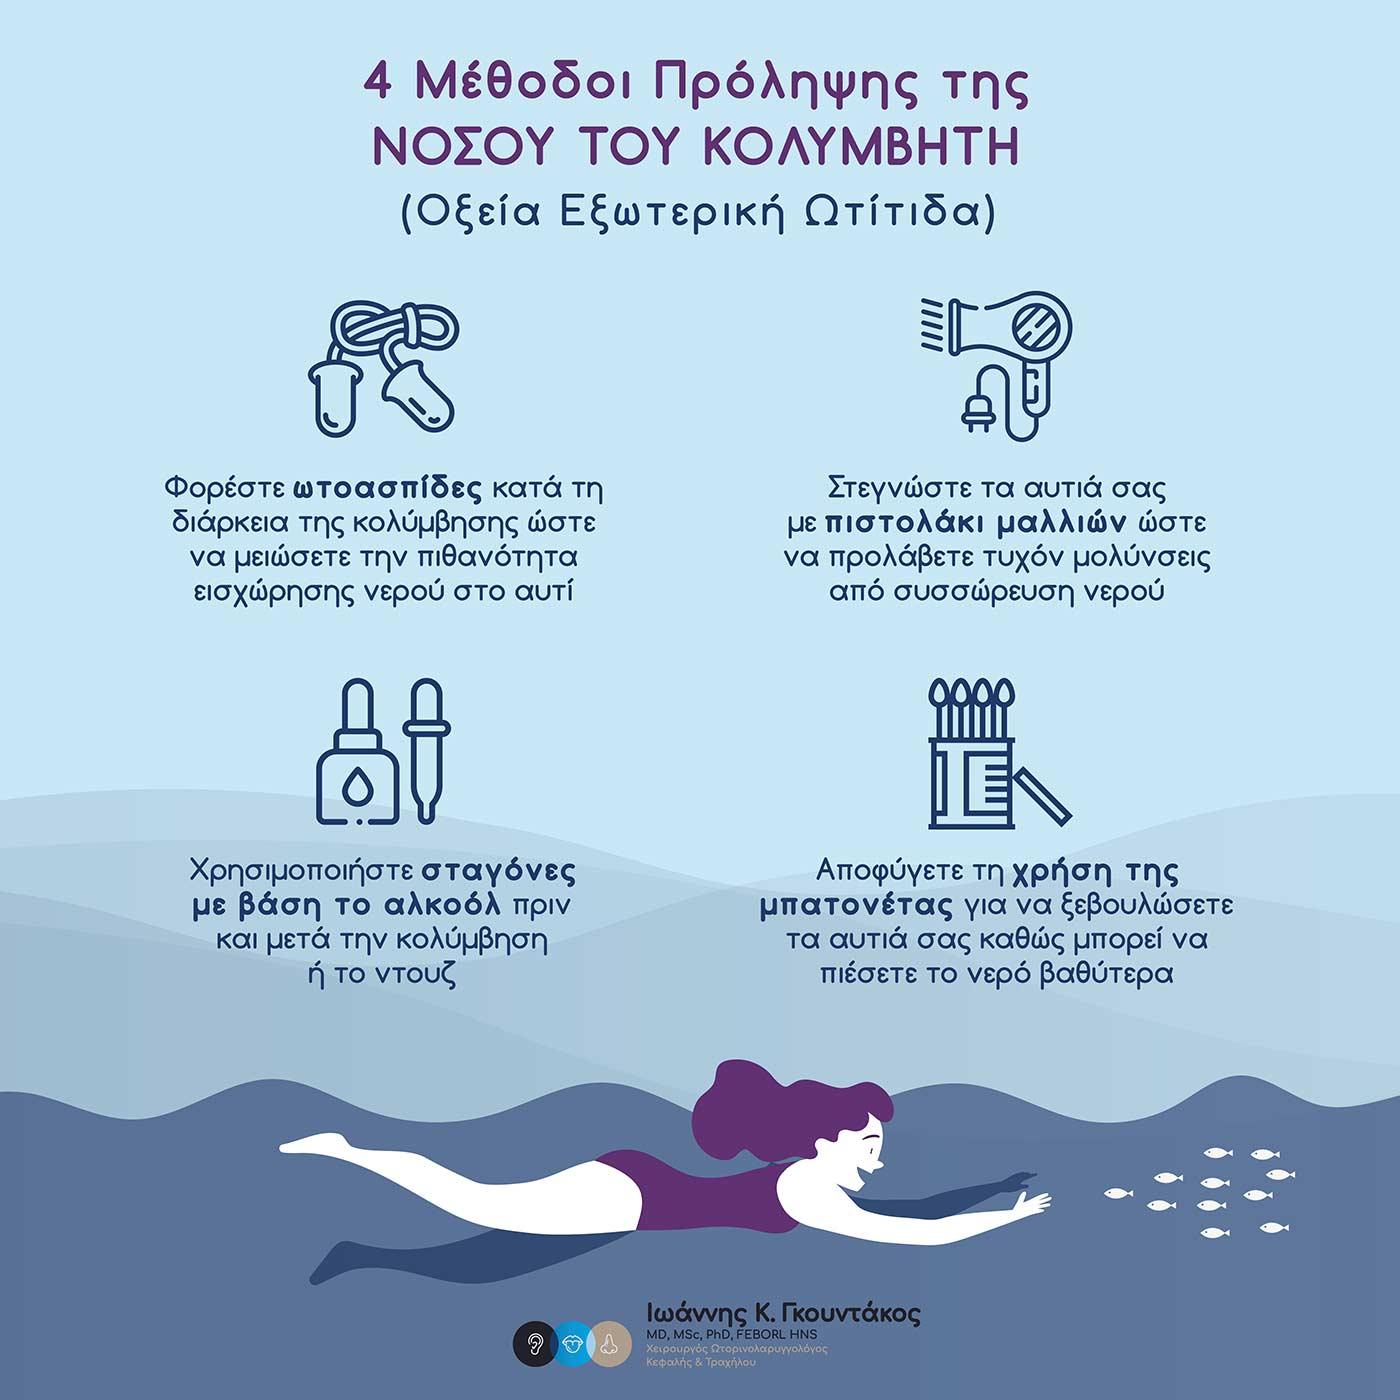 Πρόληψη της νόσου του κολυμβητή